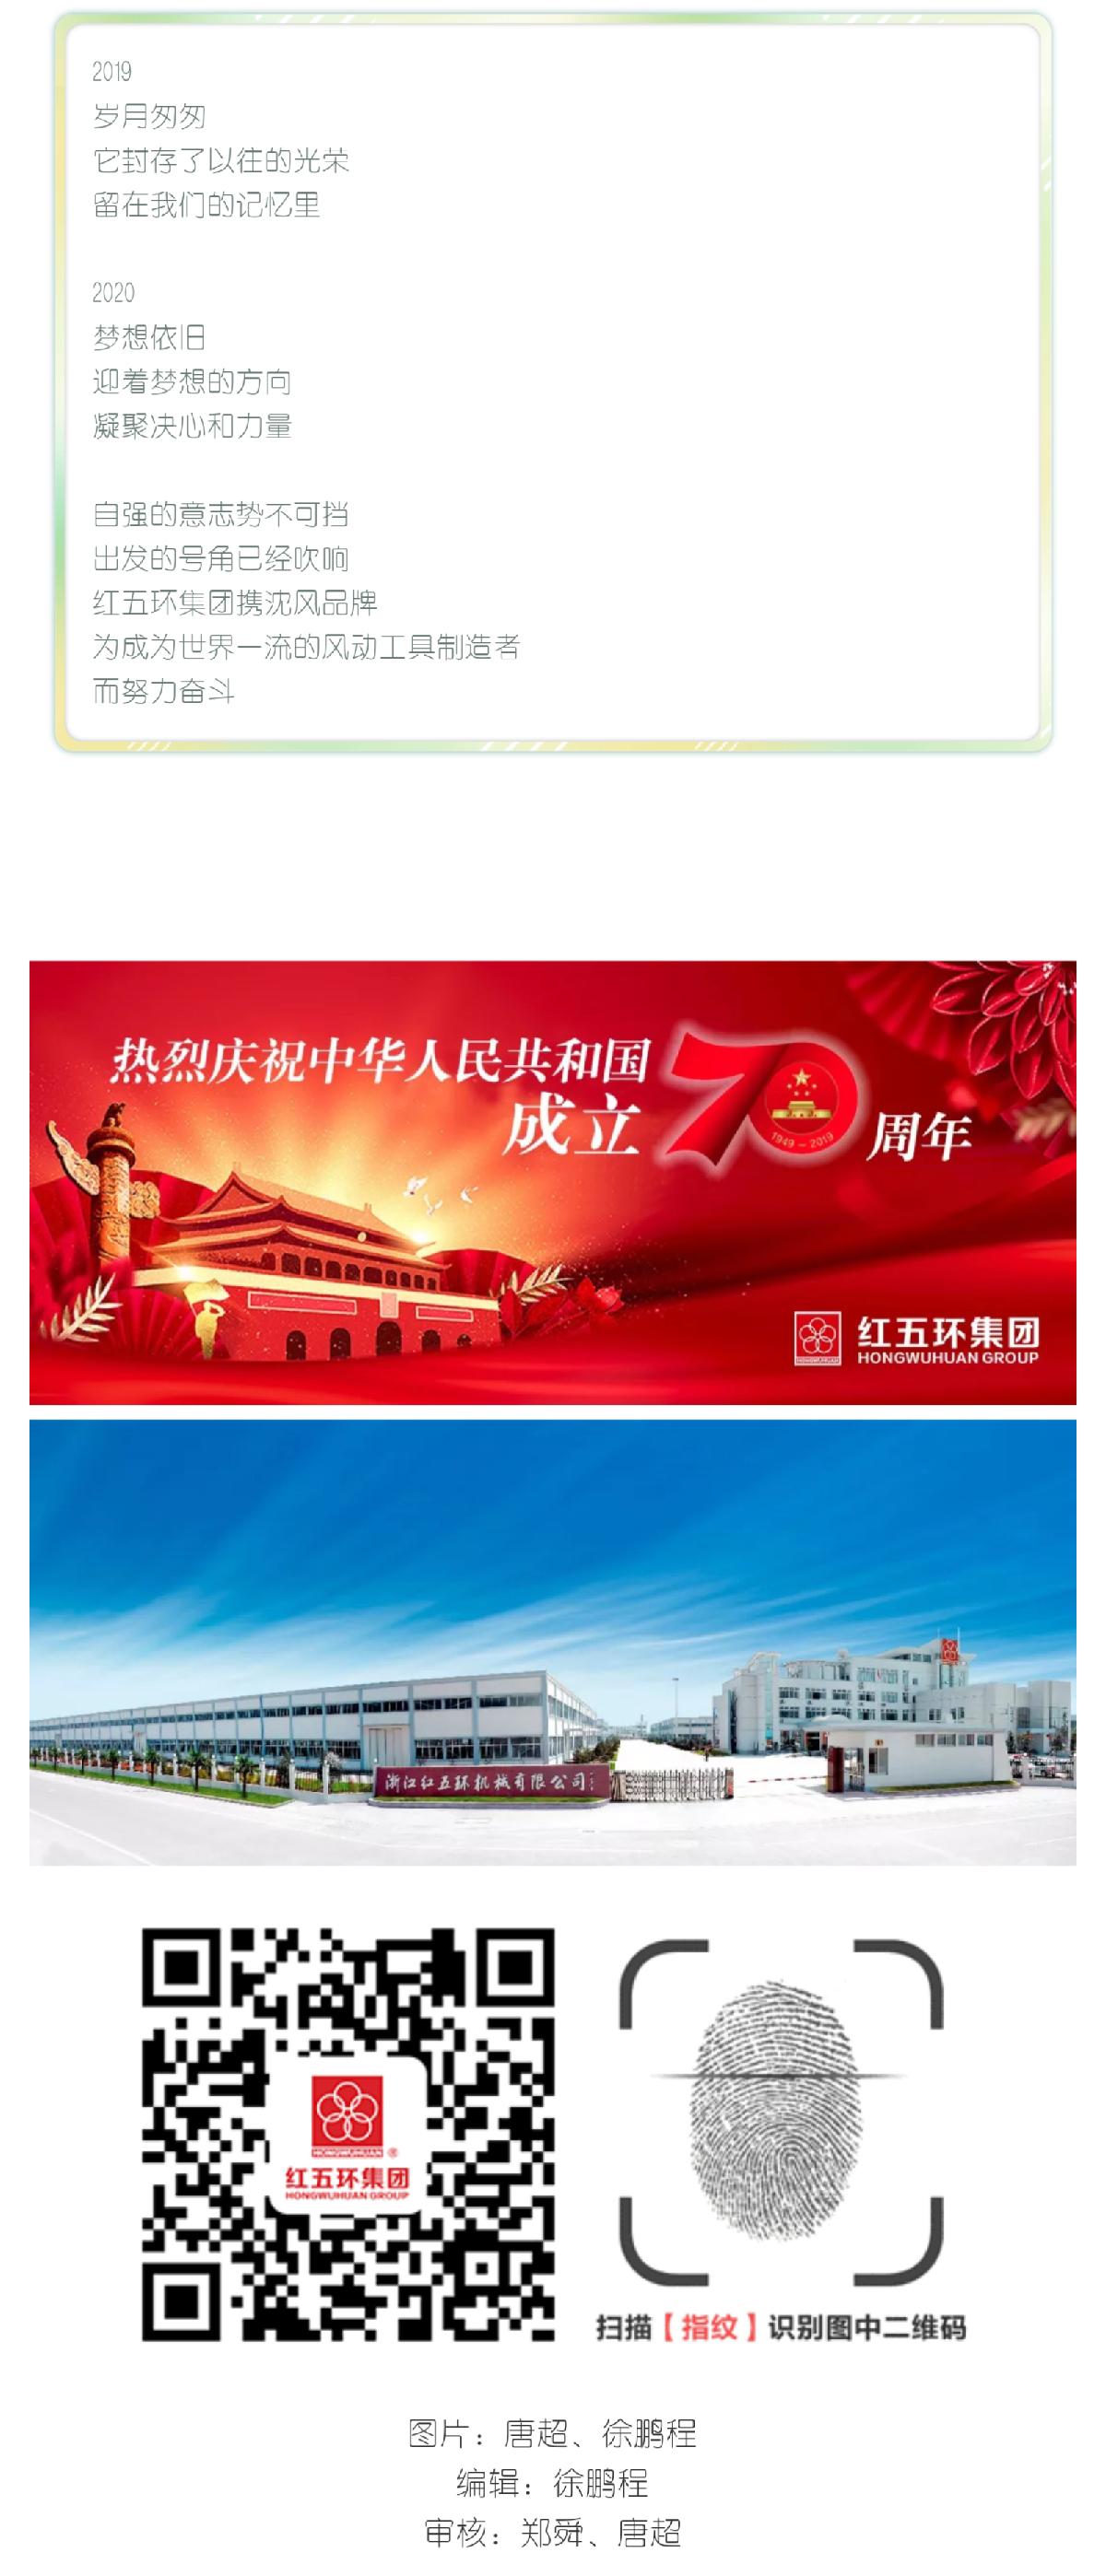 Screenshot_20191220_085053_com.tencent_08